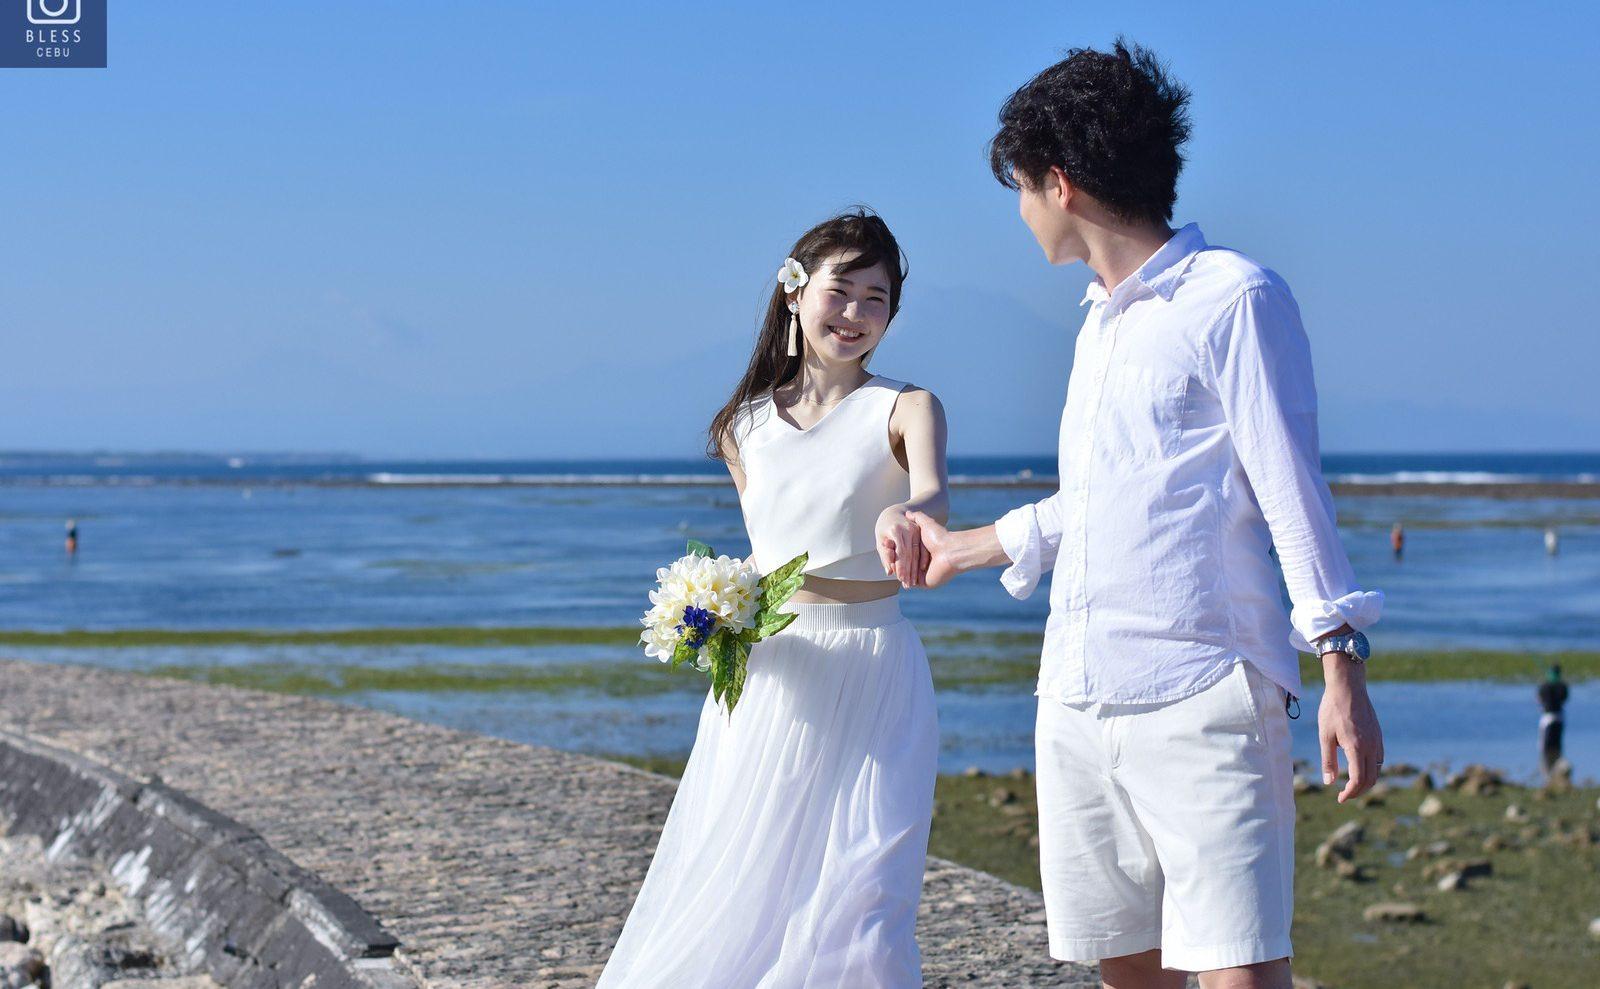 【お客様レポ#202】セパレートドレスとタッセルピアスがお洒落な花嫁様♡ 青空ビーチ&サンセットフォト F&N様